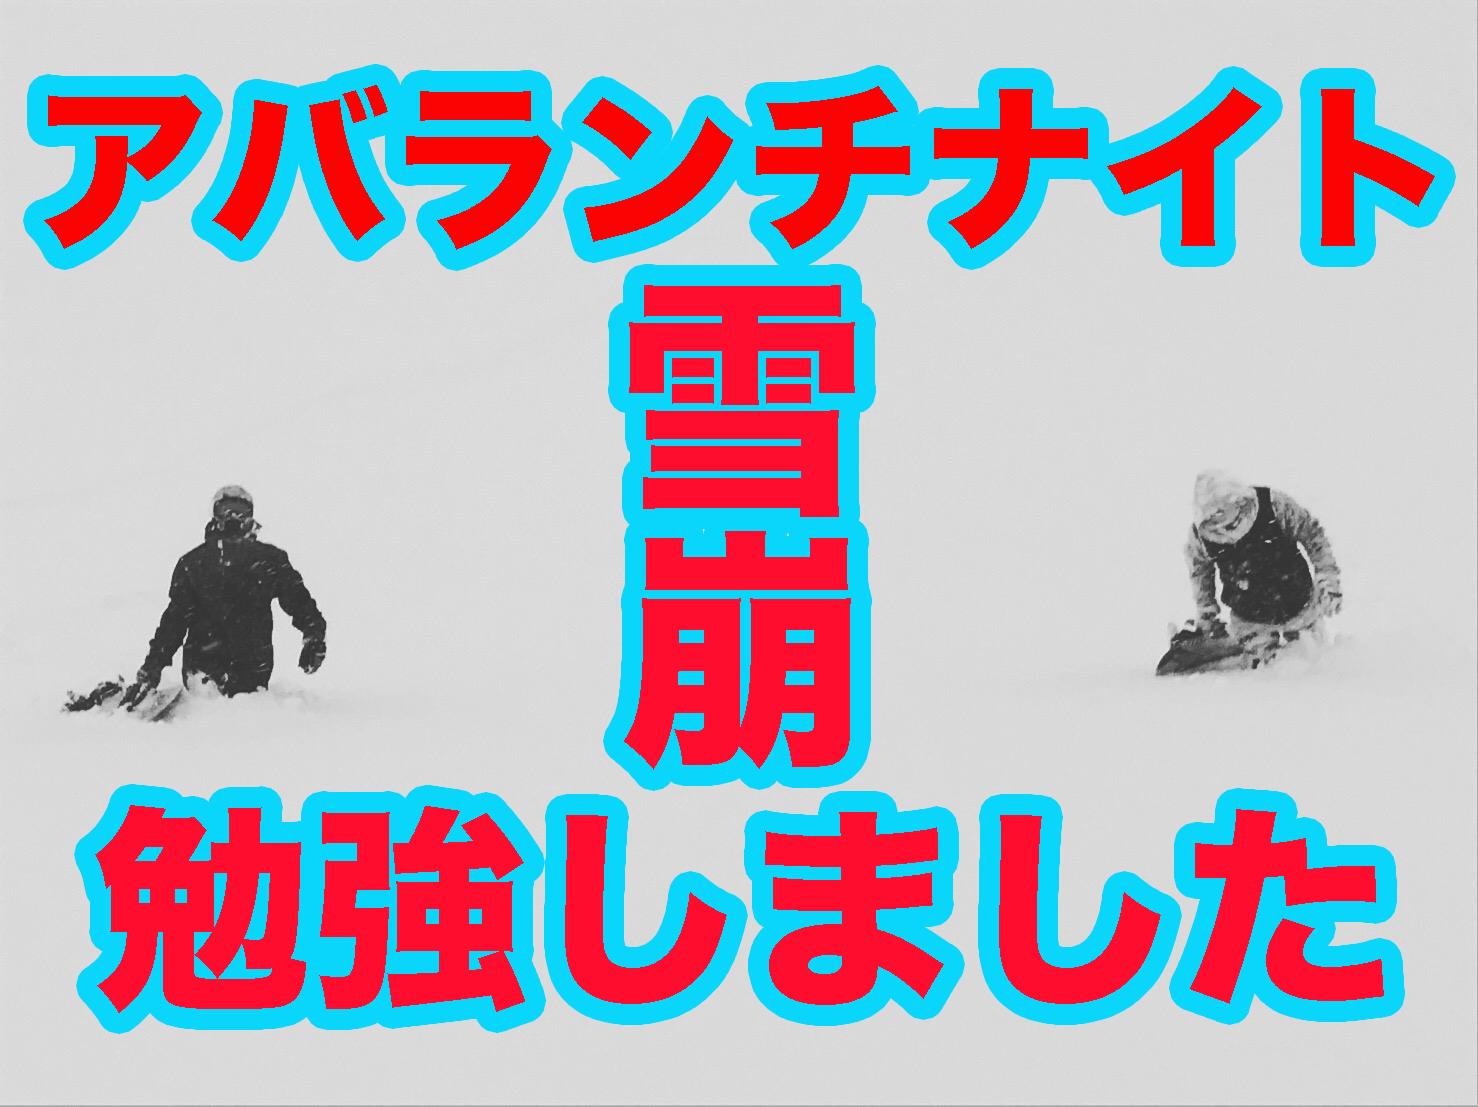 """""""アバランチナイト"""" 日本雪崩ネットワーク主催の雪崩セミナーに参加してきました。"""